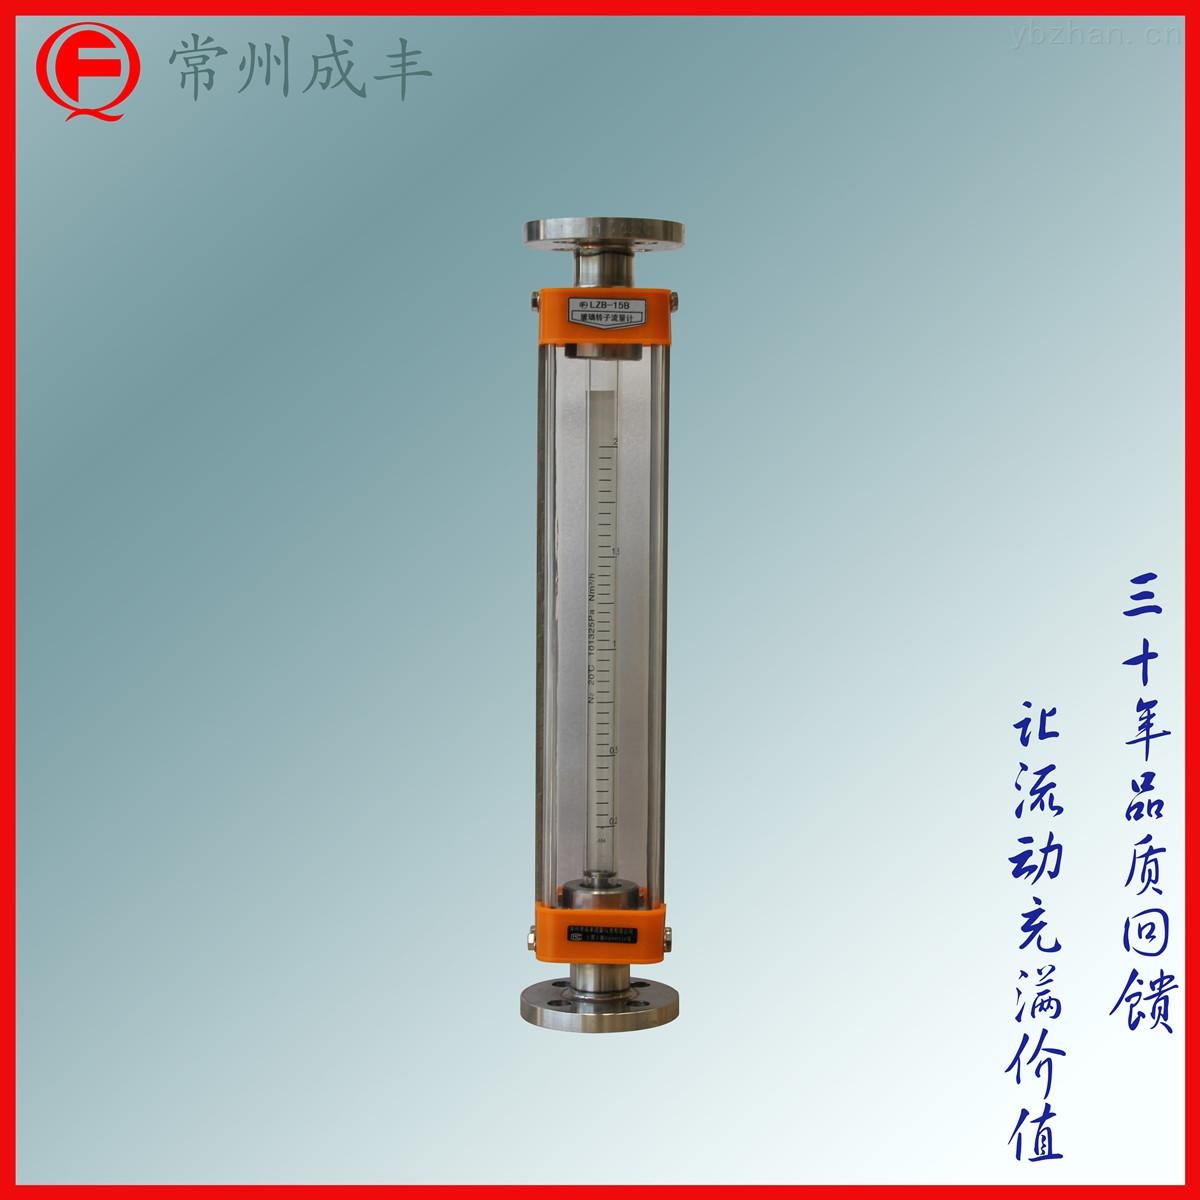 包邮江苏全不锈钢玻璃转子流量计厂家定制